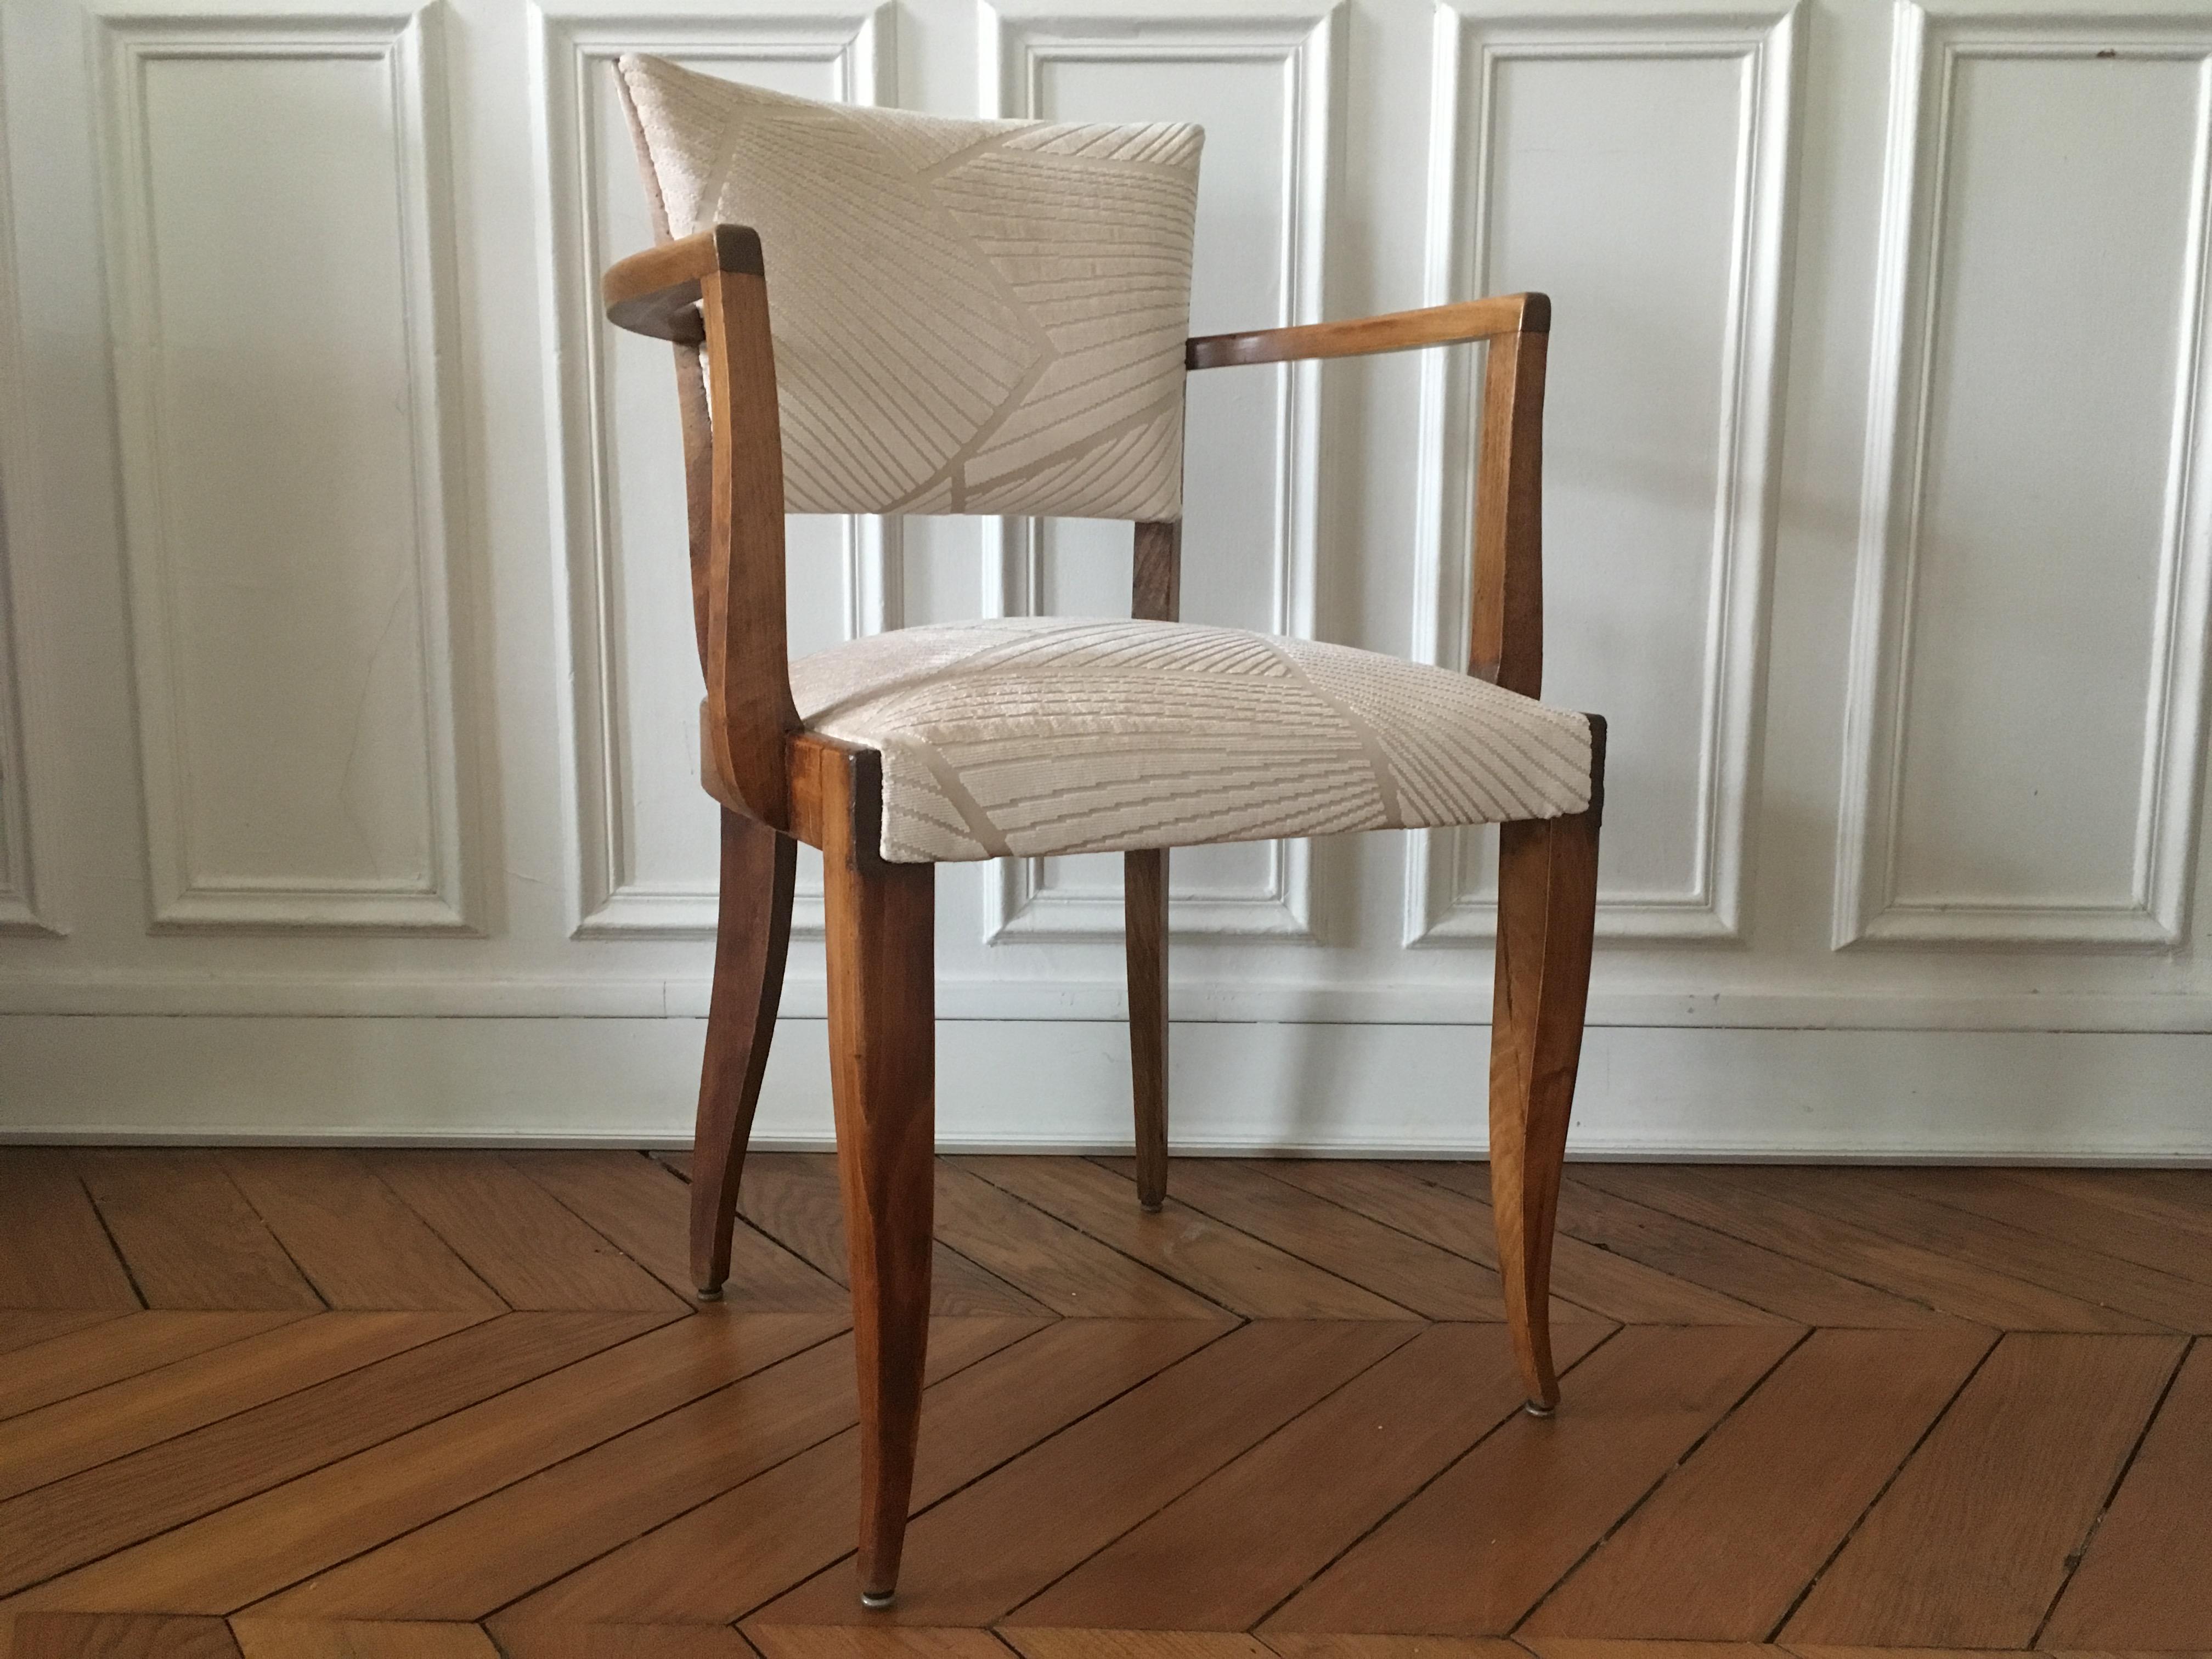 Tapissier Paris 20 atelier stéphanie etienne - tapissier décorateur - paris 2